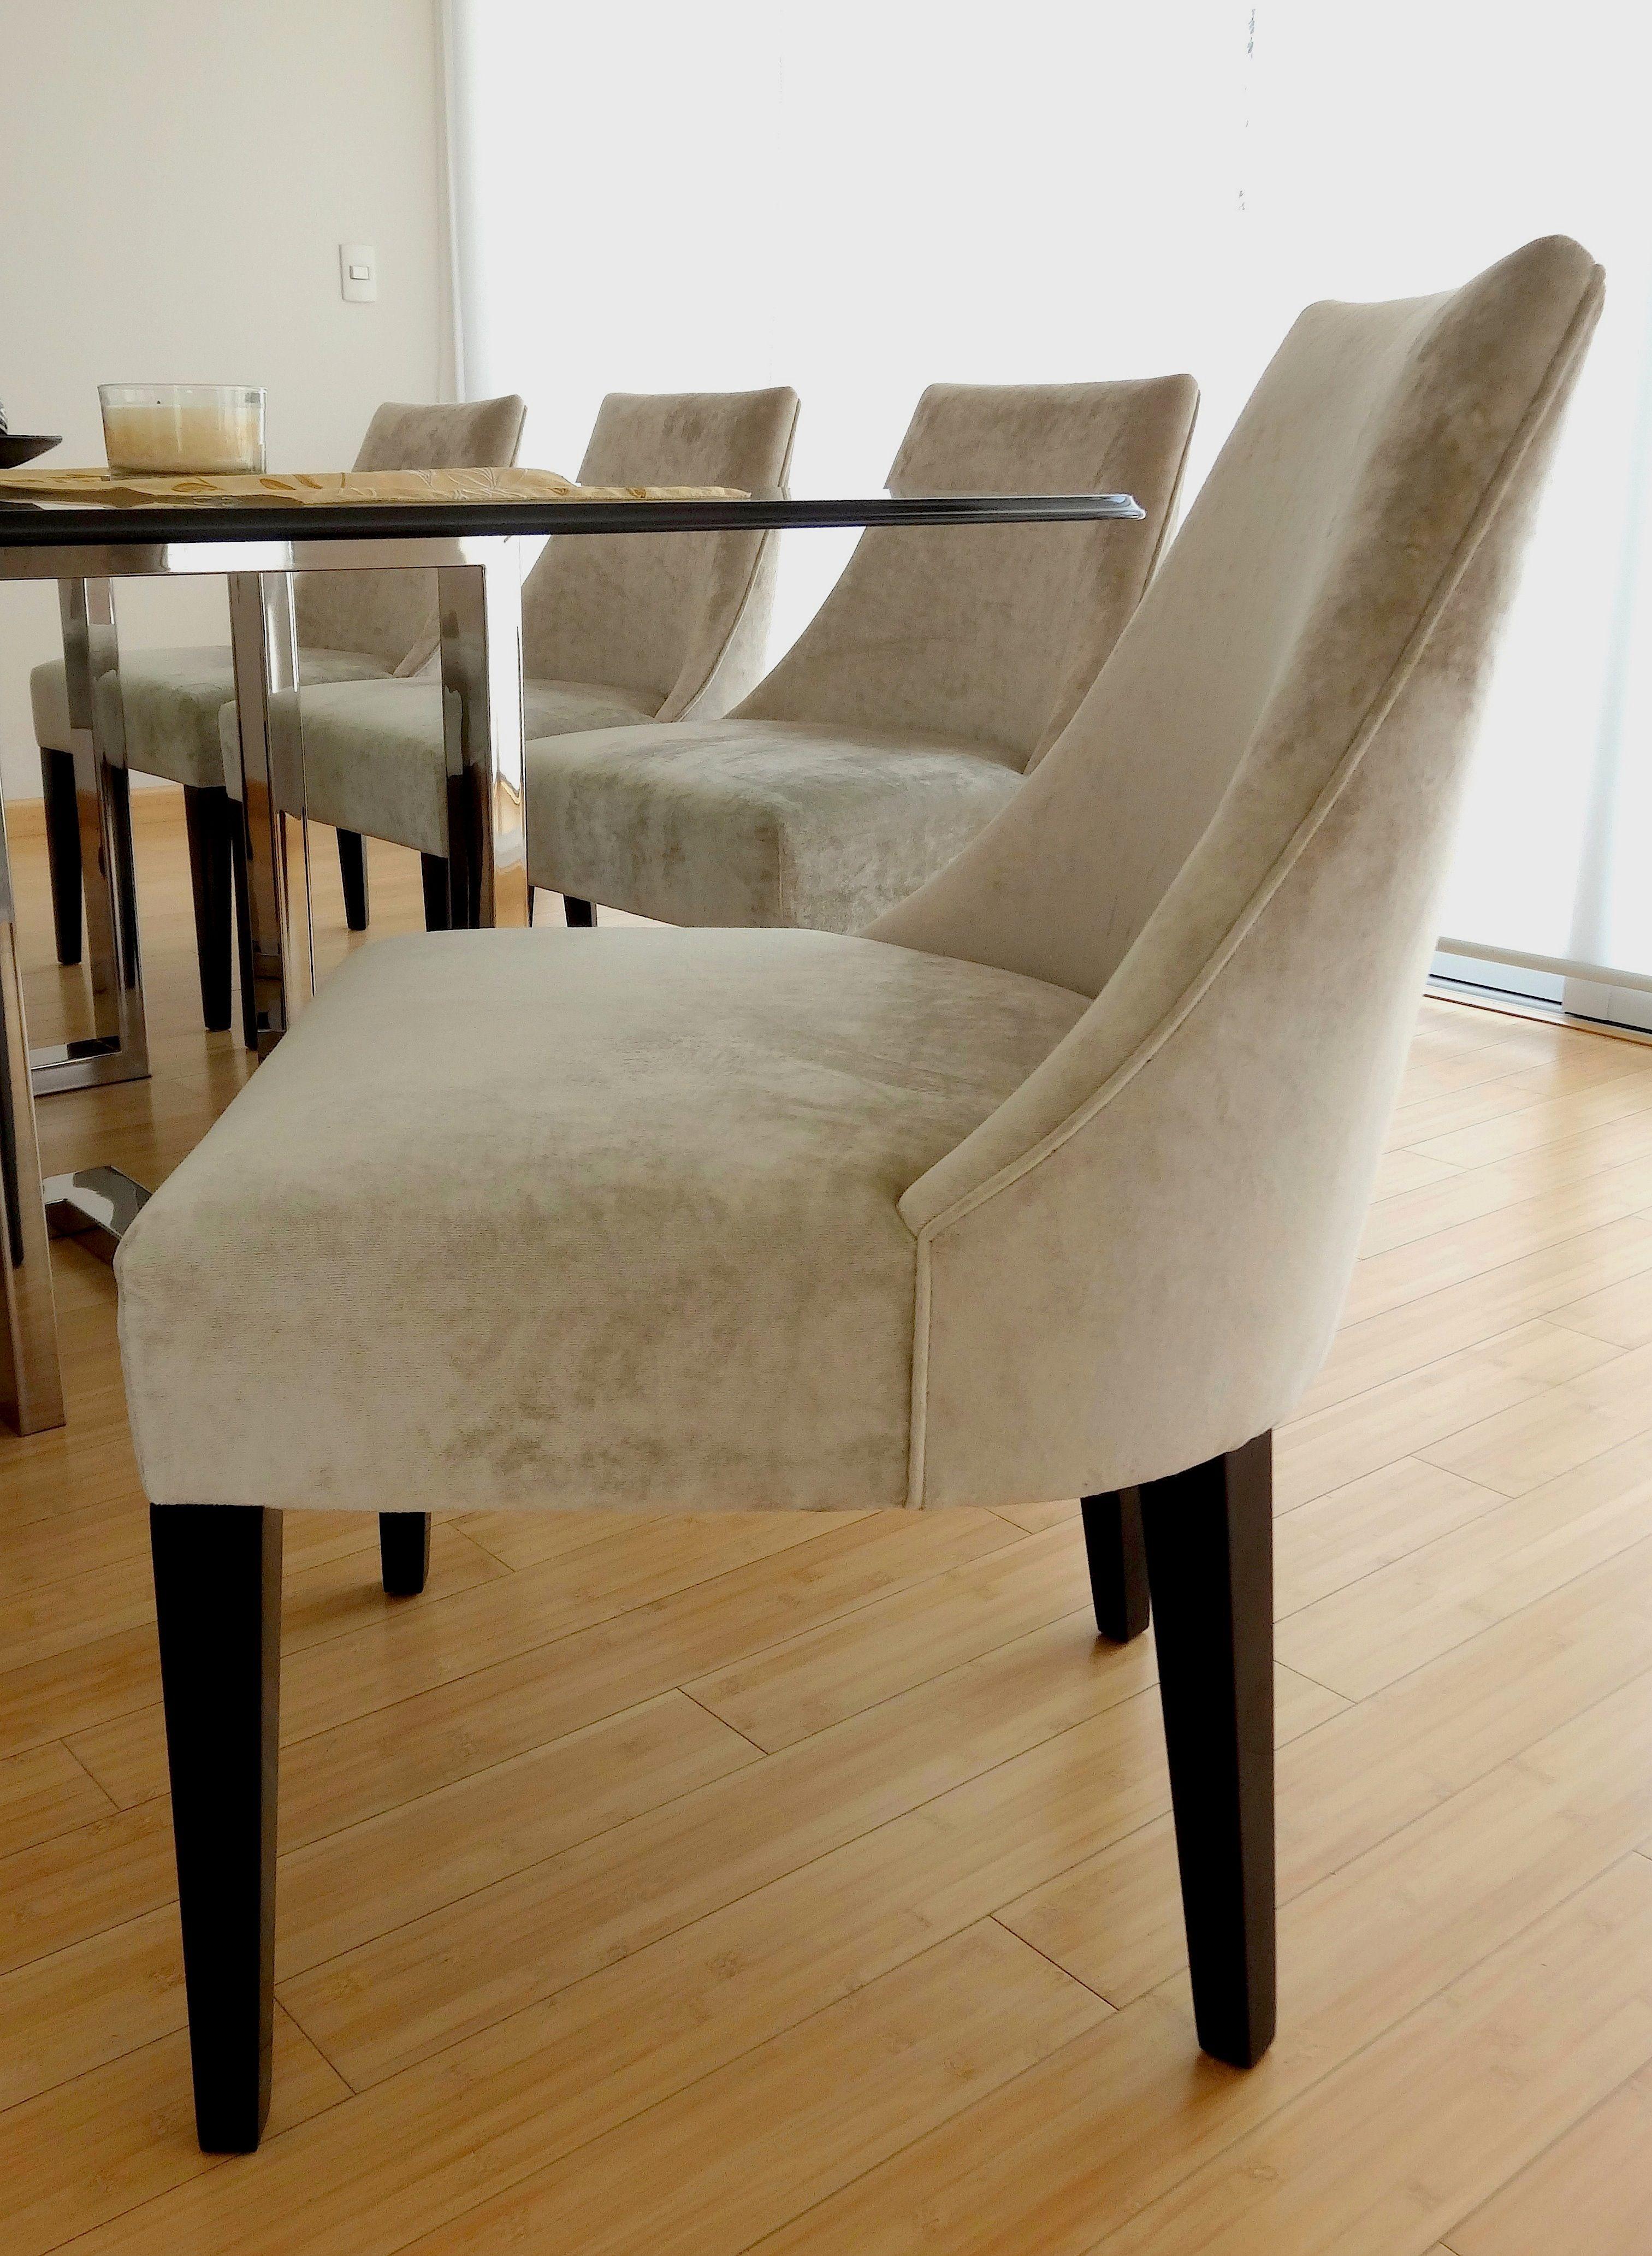 Silla florencia de la colecci n europa livingdesign for Muebles mesas y sillas de comedor